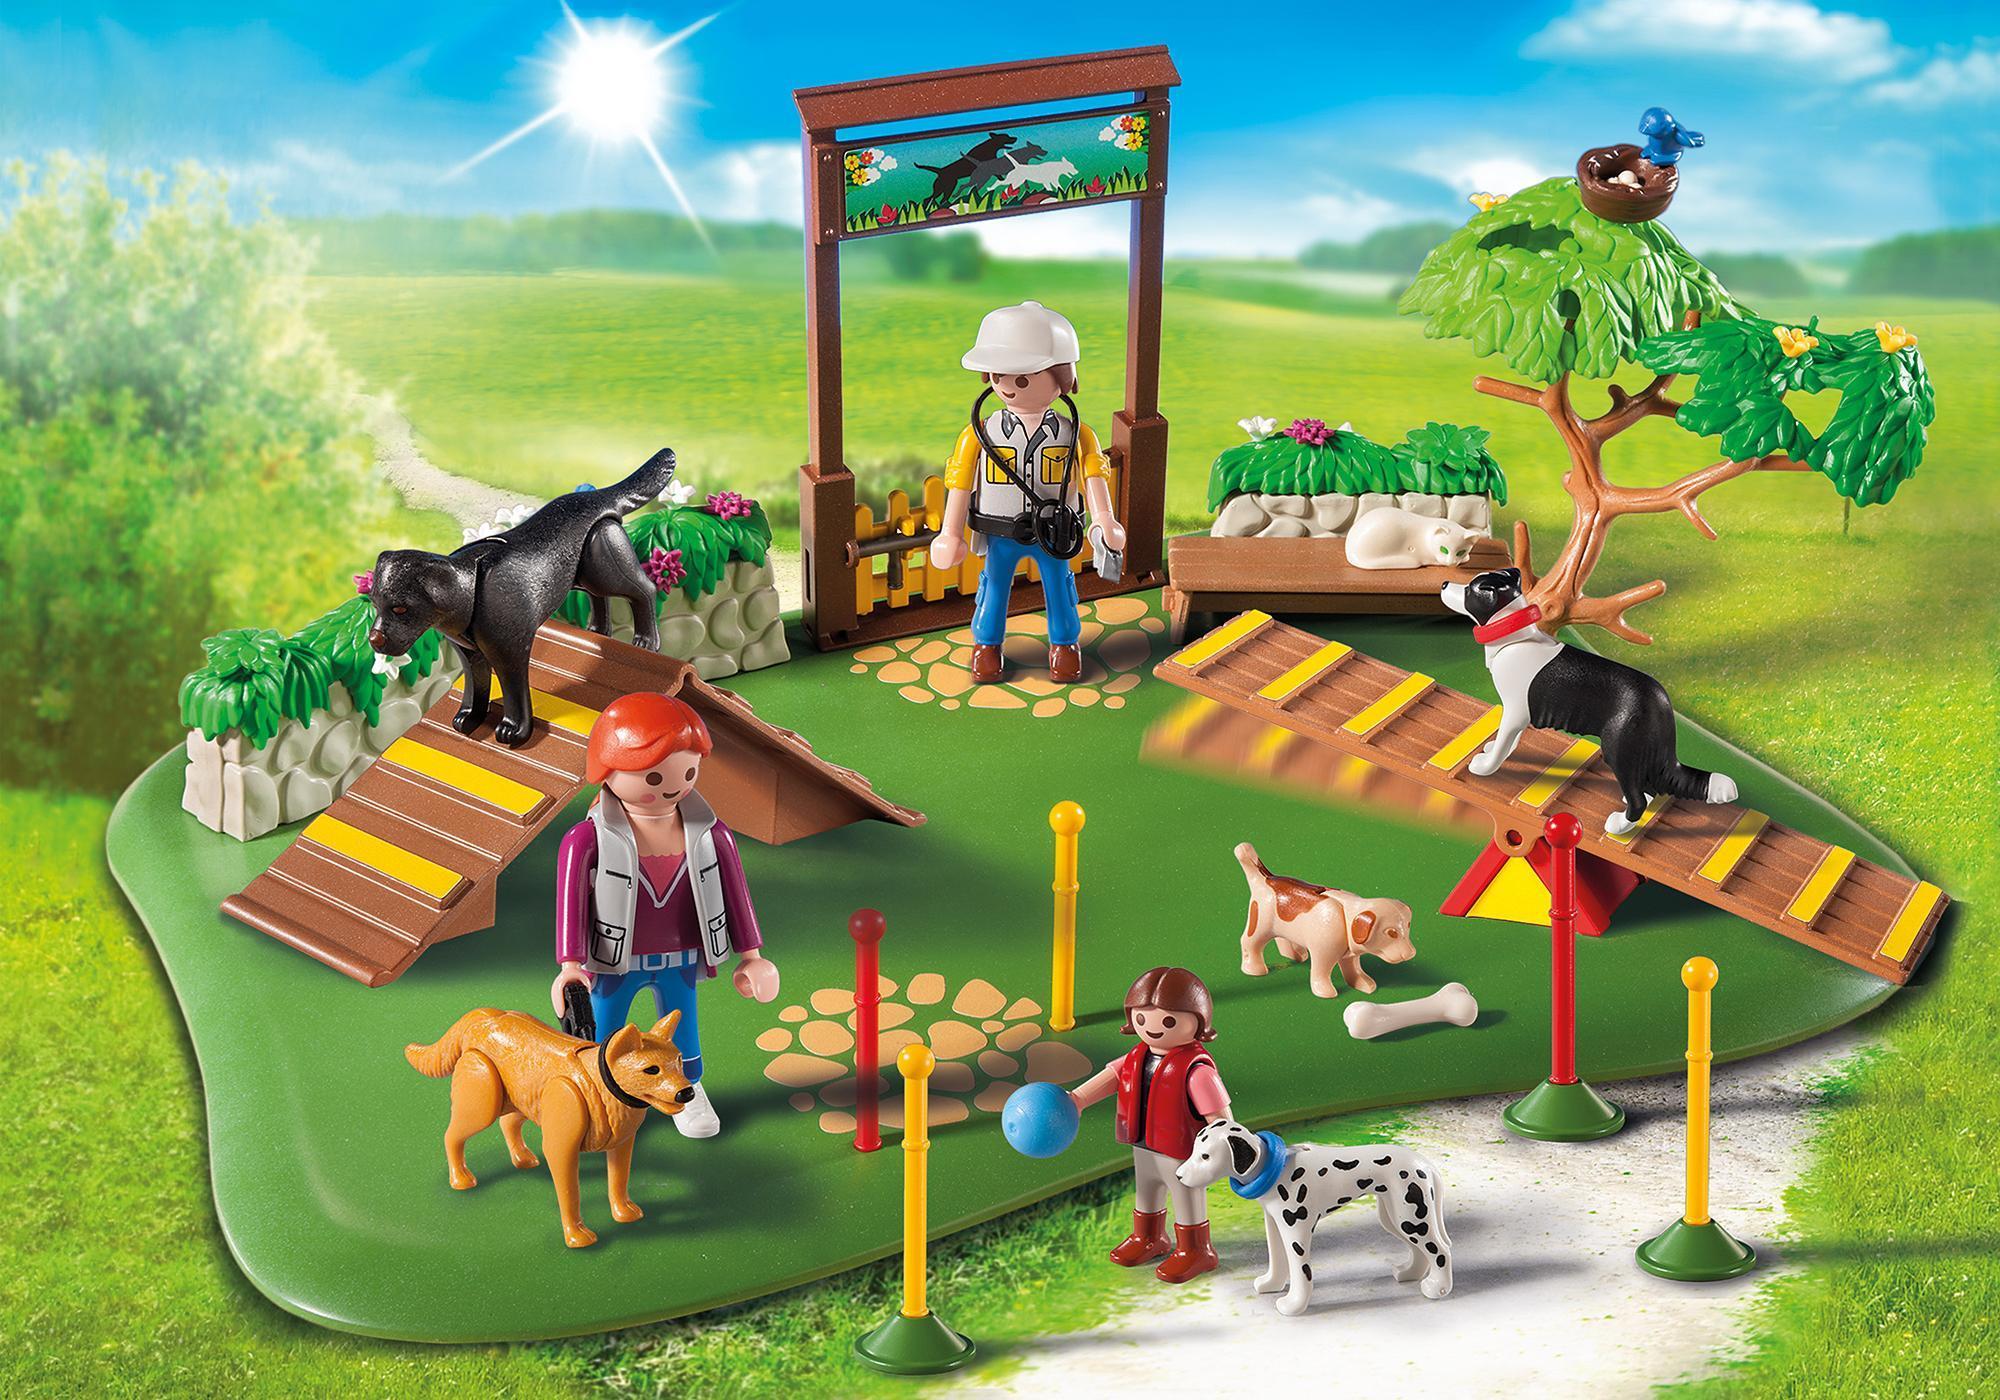 http://media.playmobil.com/i/playmobil/6145_product_detail/SuperSet Centre de dressage pour chiens